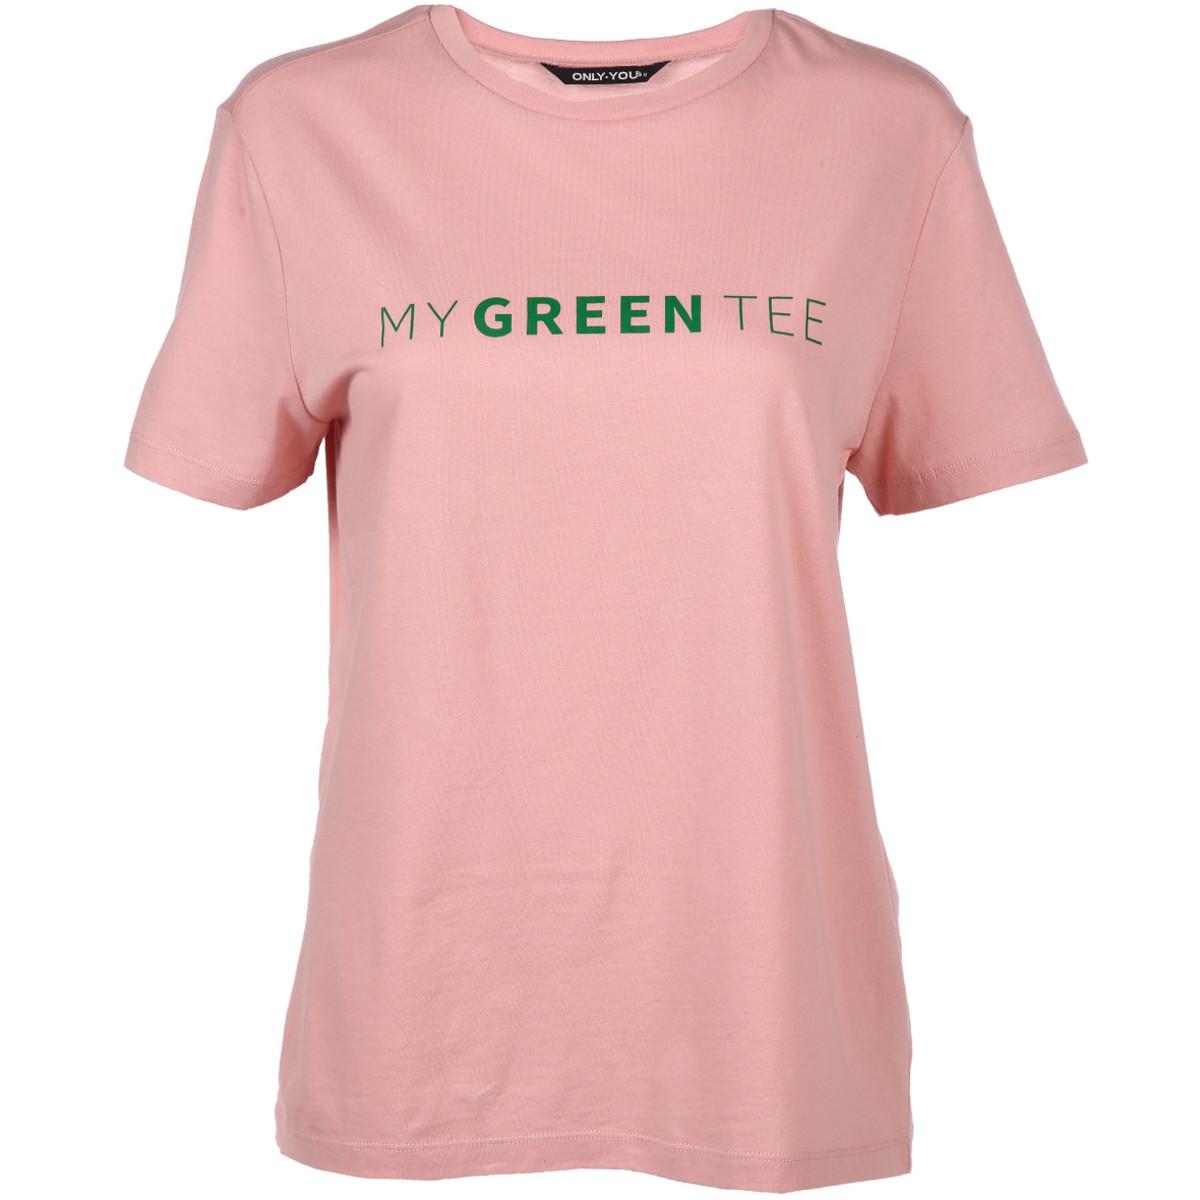 Bild 1 von Damen Only Shirt mit Wording Print